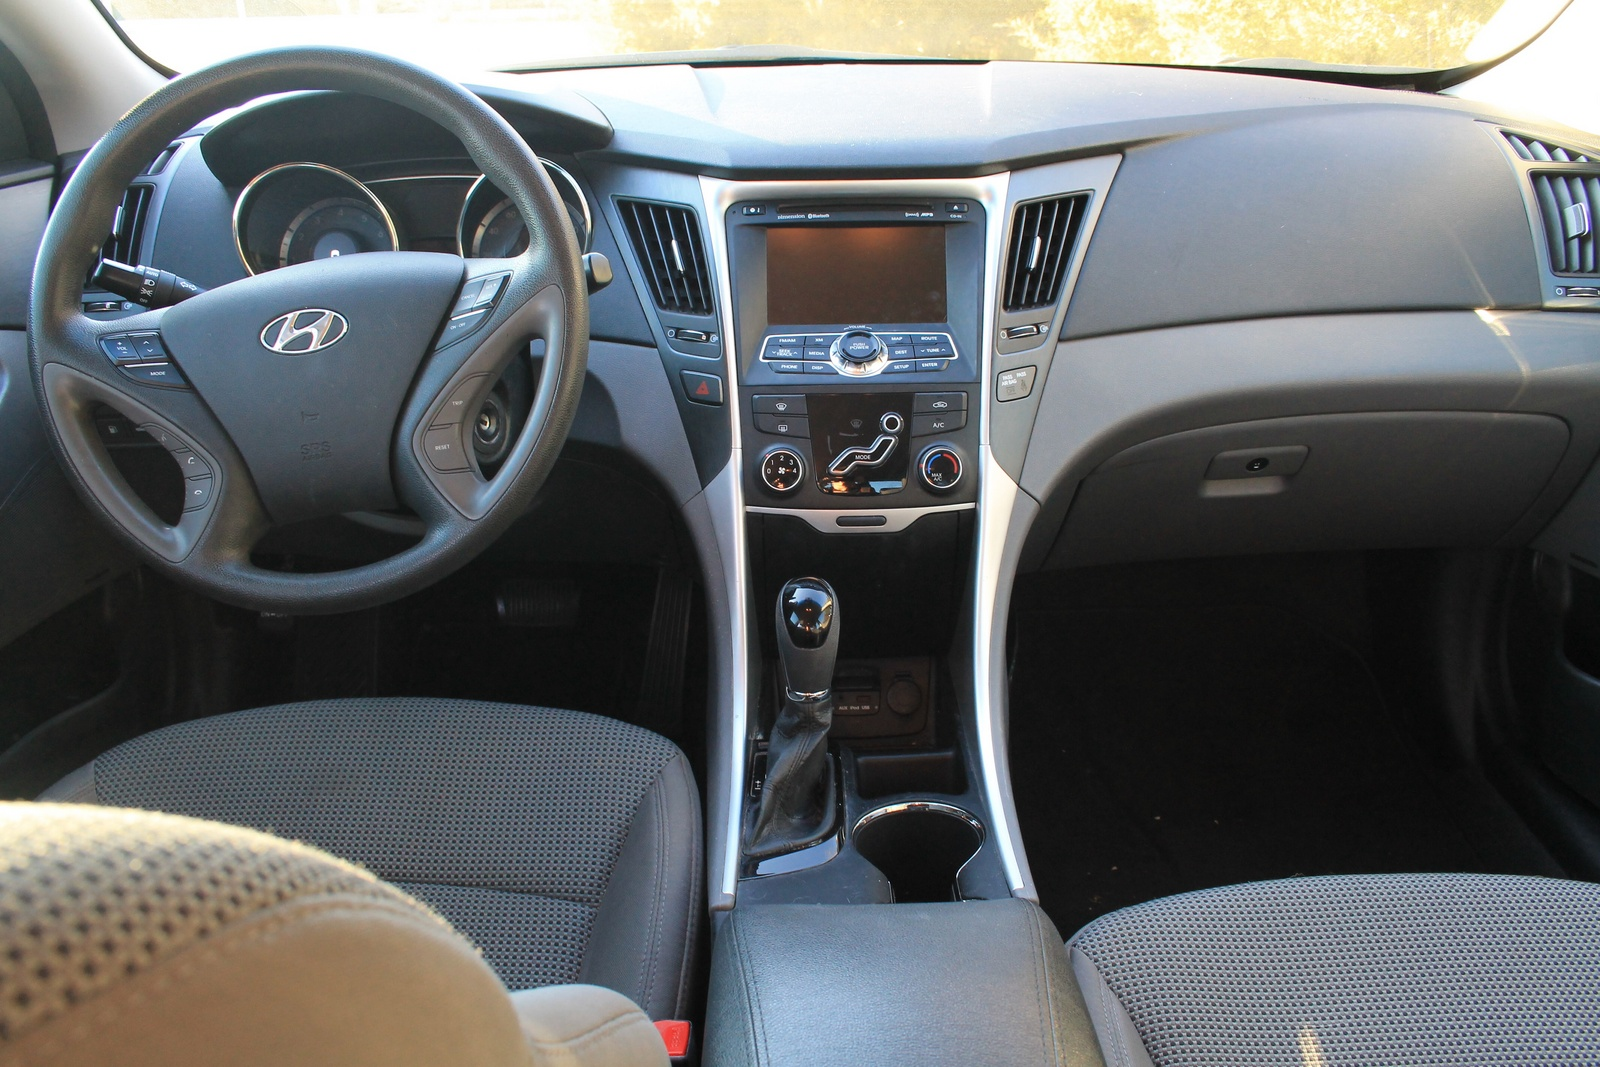 2011 hyundai sonata interior pictures cargurus